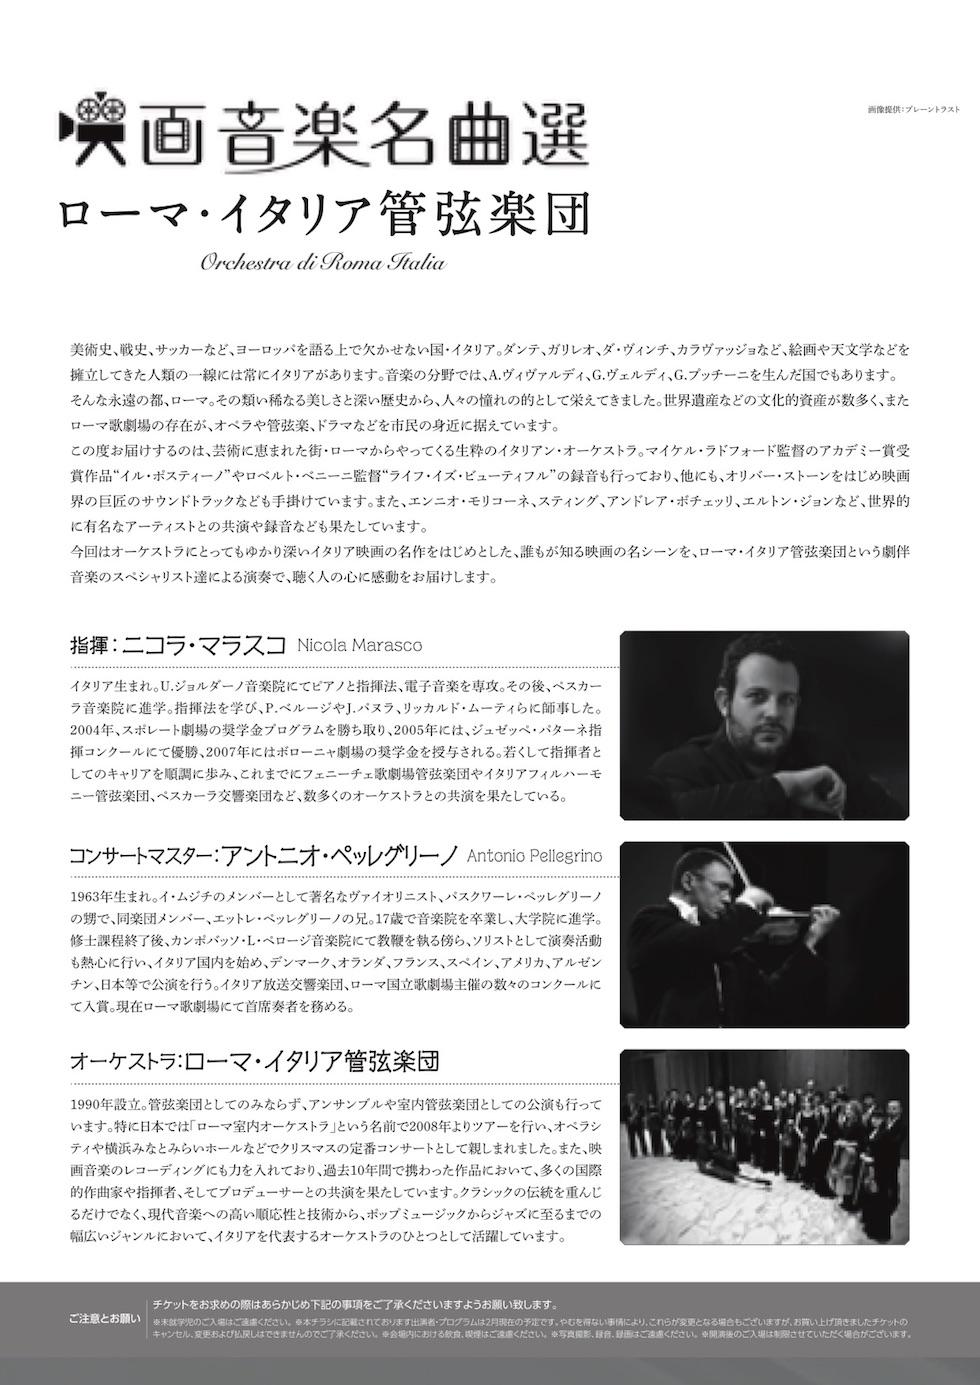 歴史と芸術を育む永遠の都・ローマの調べ ローマ・イタリア管弦楽団 「映画音楽名曲選」